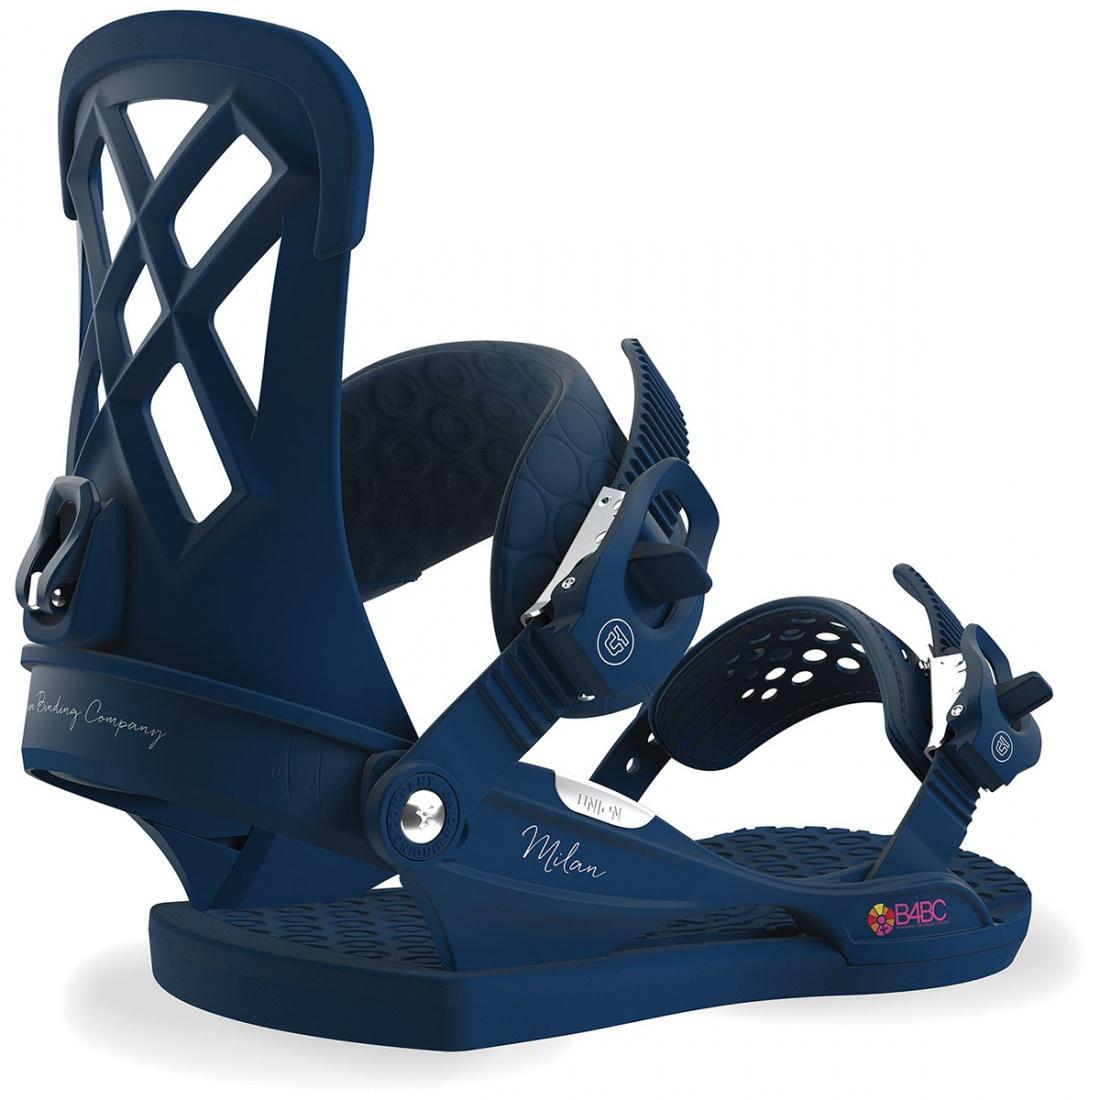 Крепления для сноуборда Union Milan купить в Boardshop №1